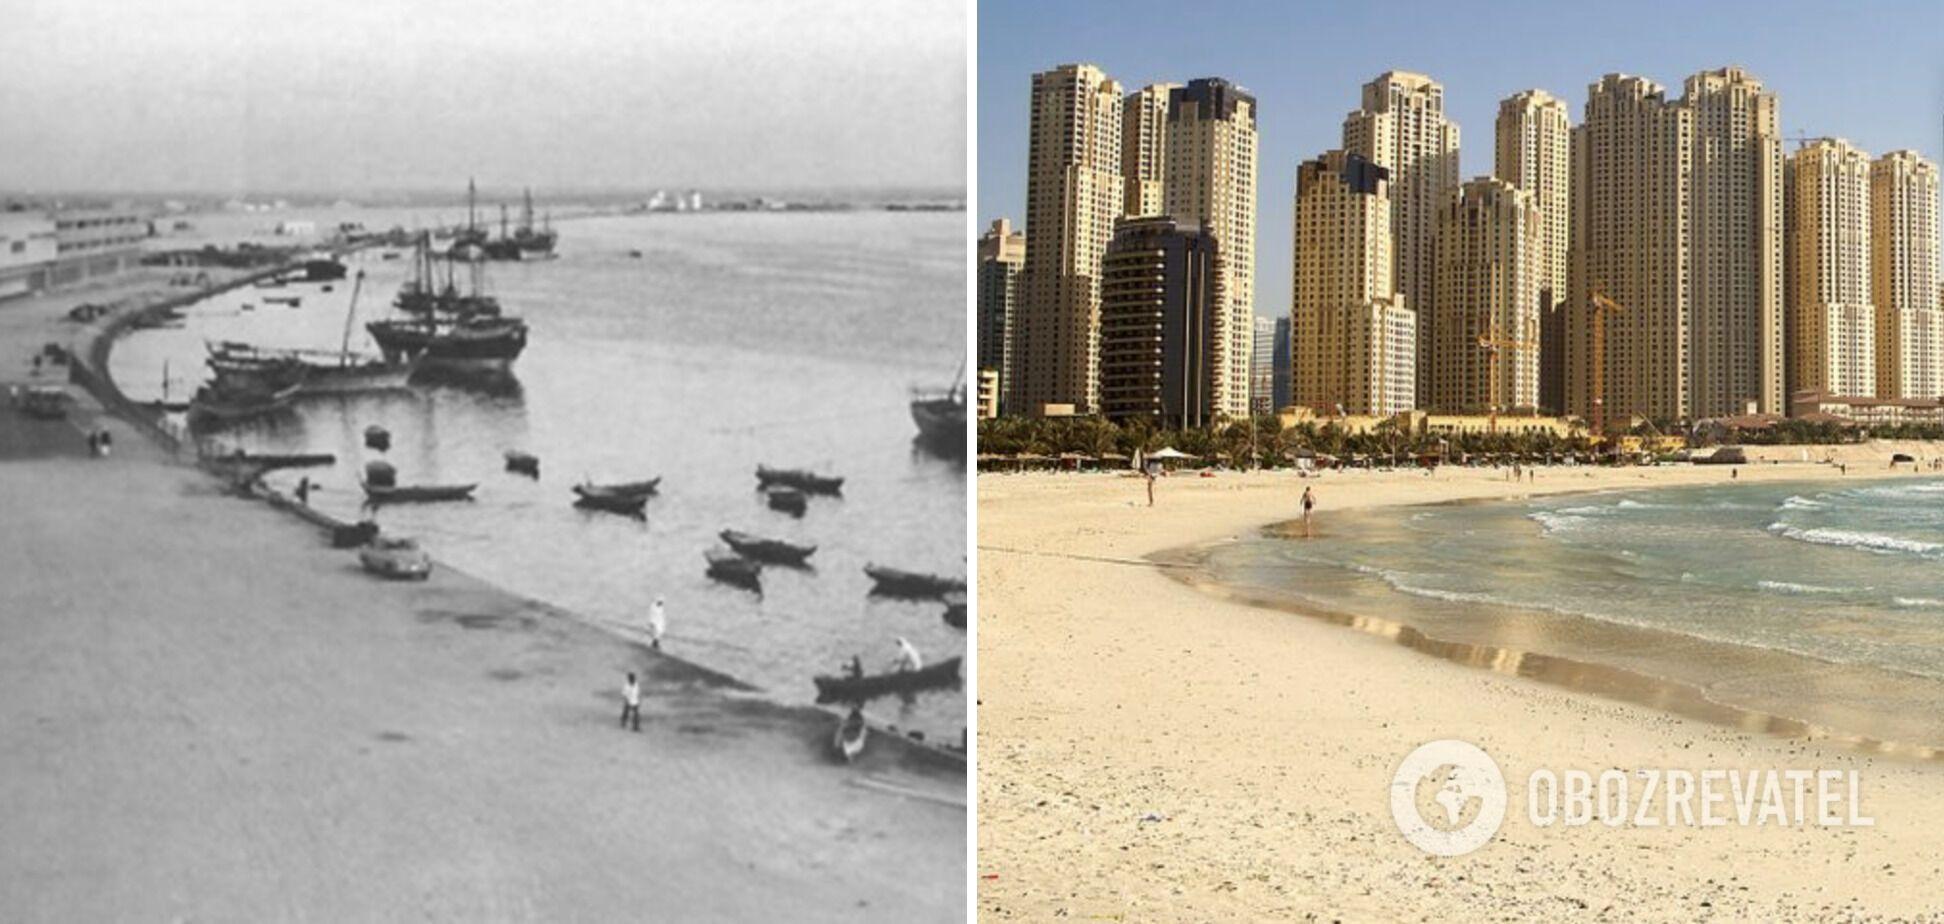 За десятки лет построили мегаполис Дубай в ОАЭ.